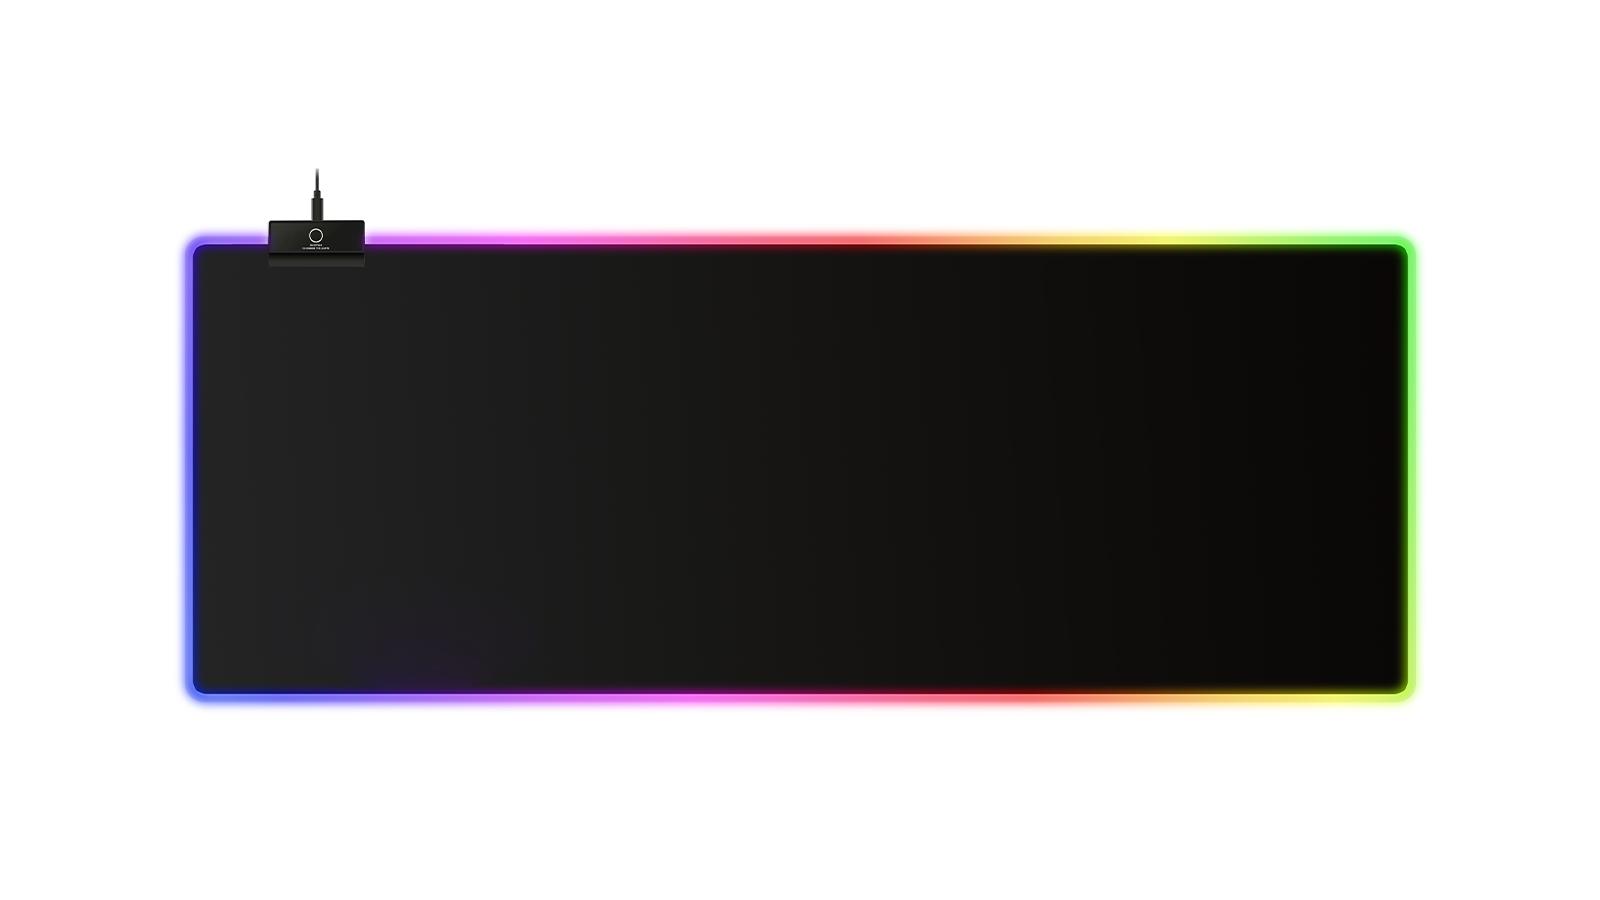 Cyfanwerthu Ky-P045 Pad Llygoden Hapchwarae Meddal RGB gyda phris da - keyceo